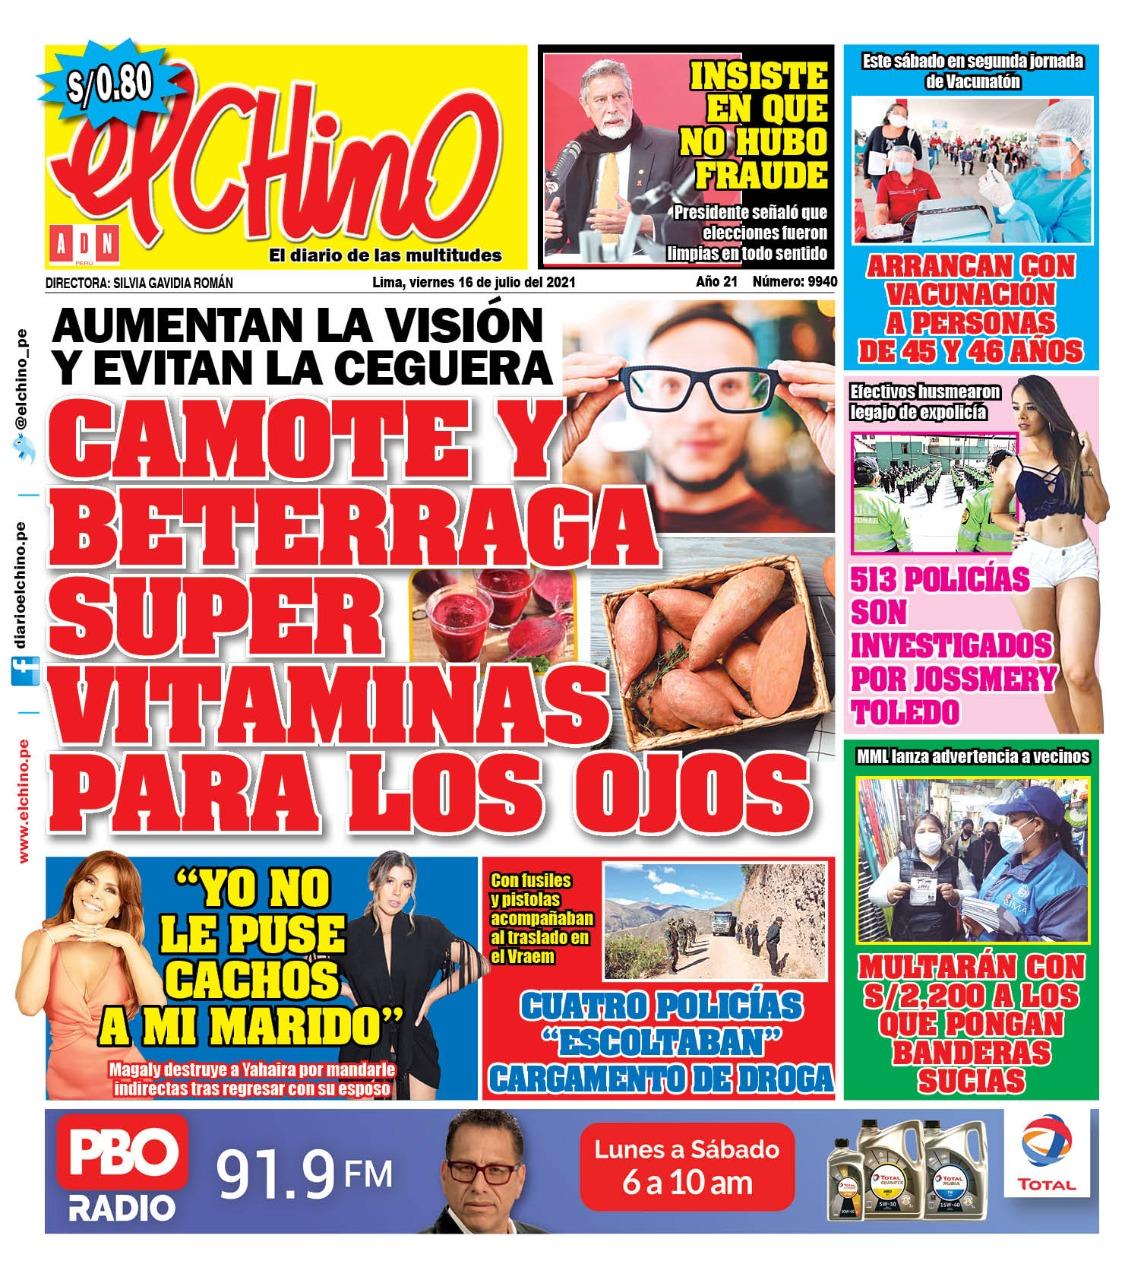 Portada impresa – Diario El Chino (16/07/2021)